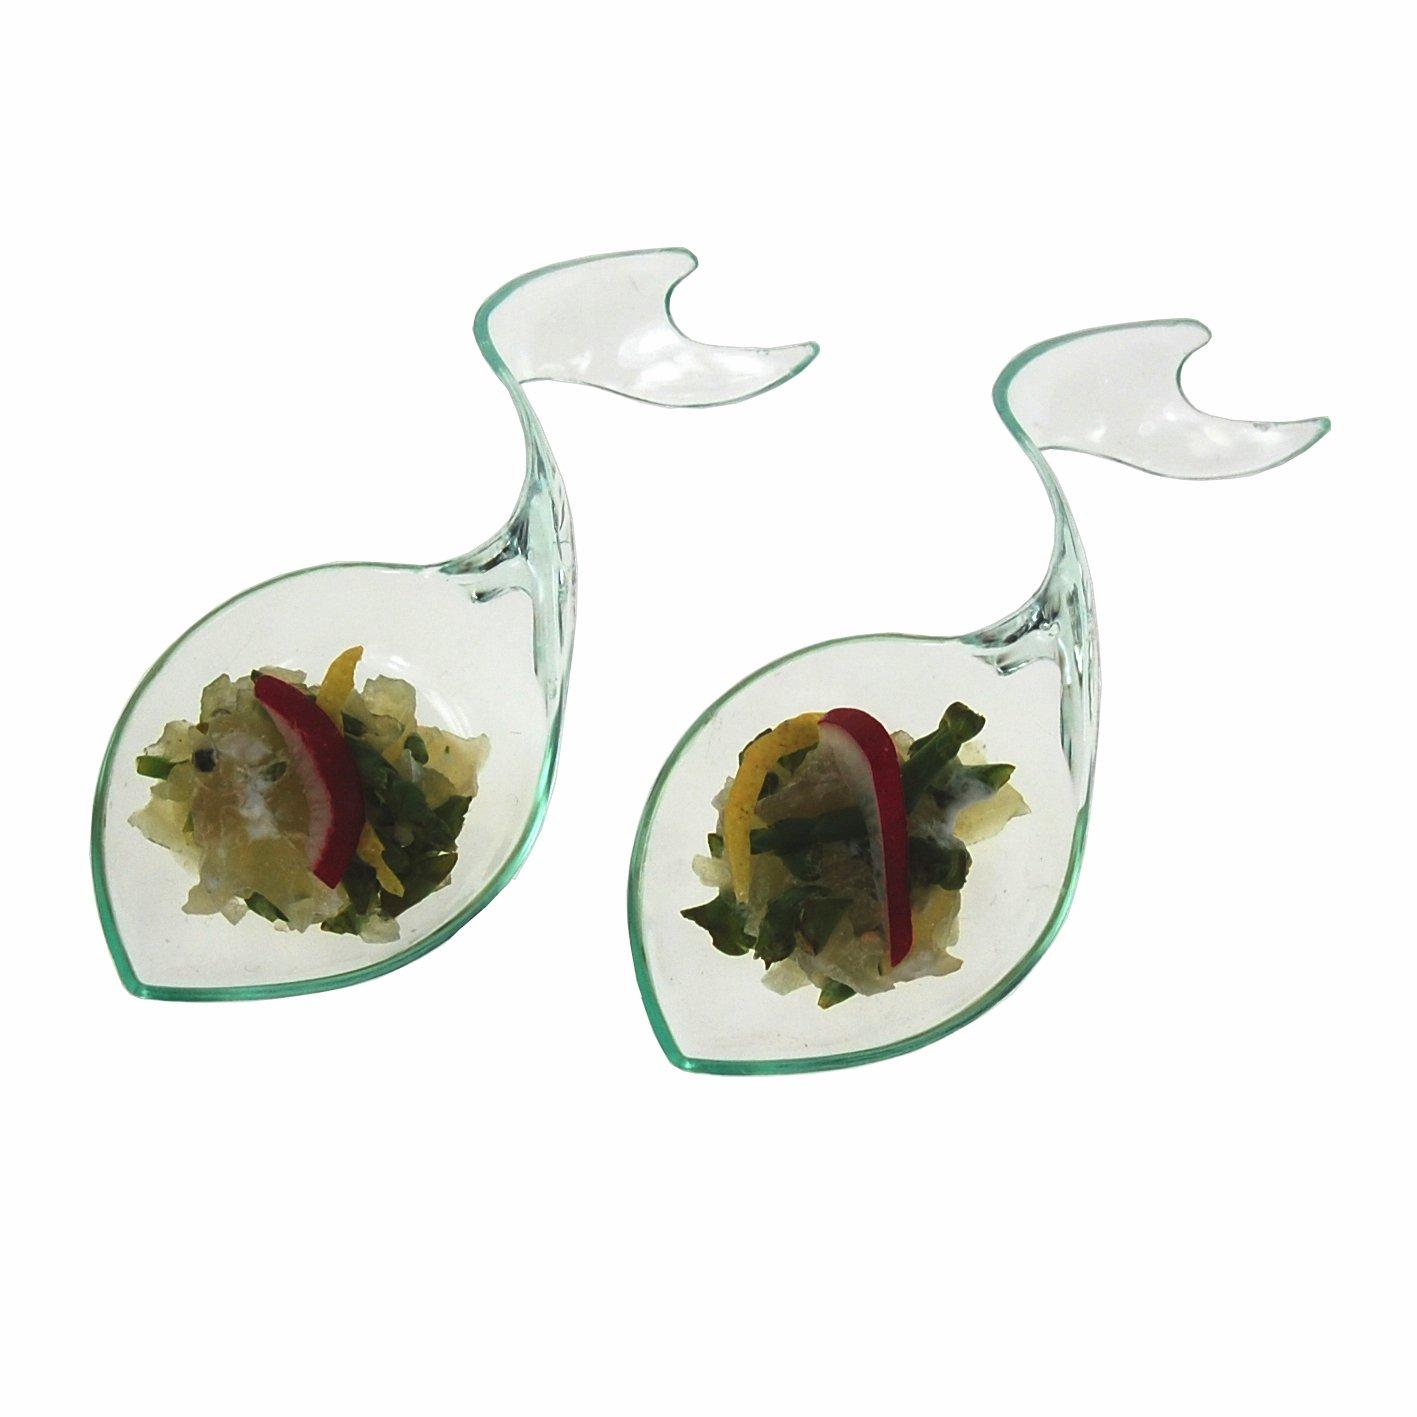 Cuchara Neptuno 9x4cm MMB28 Pack de 25 uds degustaciones de aperitivos en catering y hosteler/ía